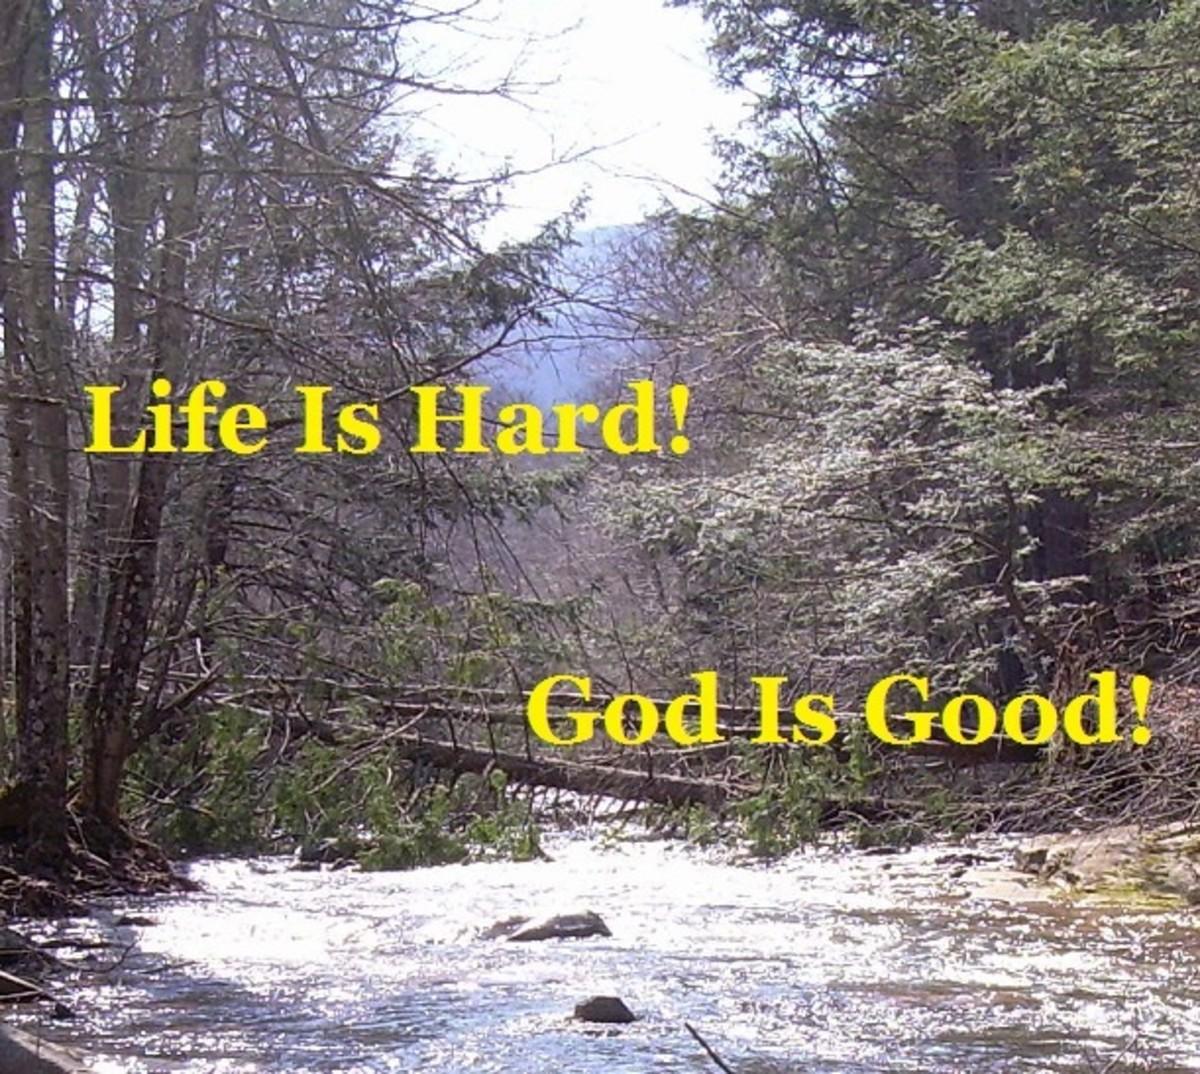 god-is-good-life-is-hard